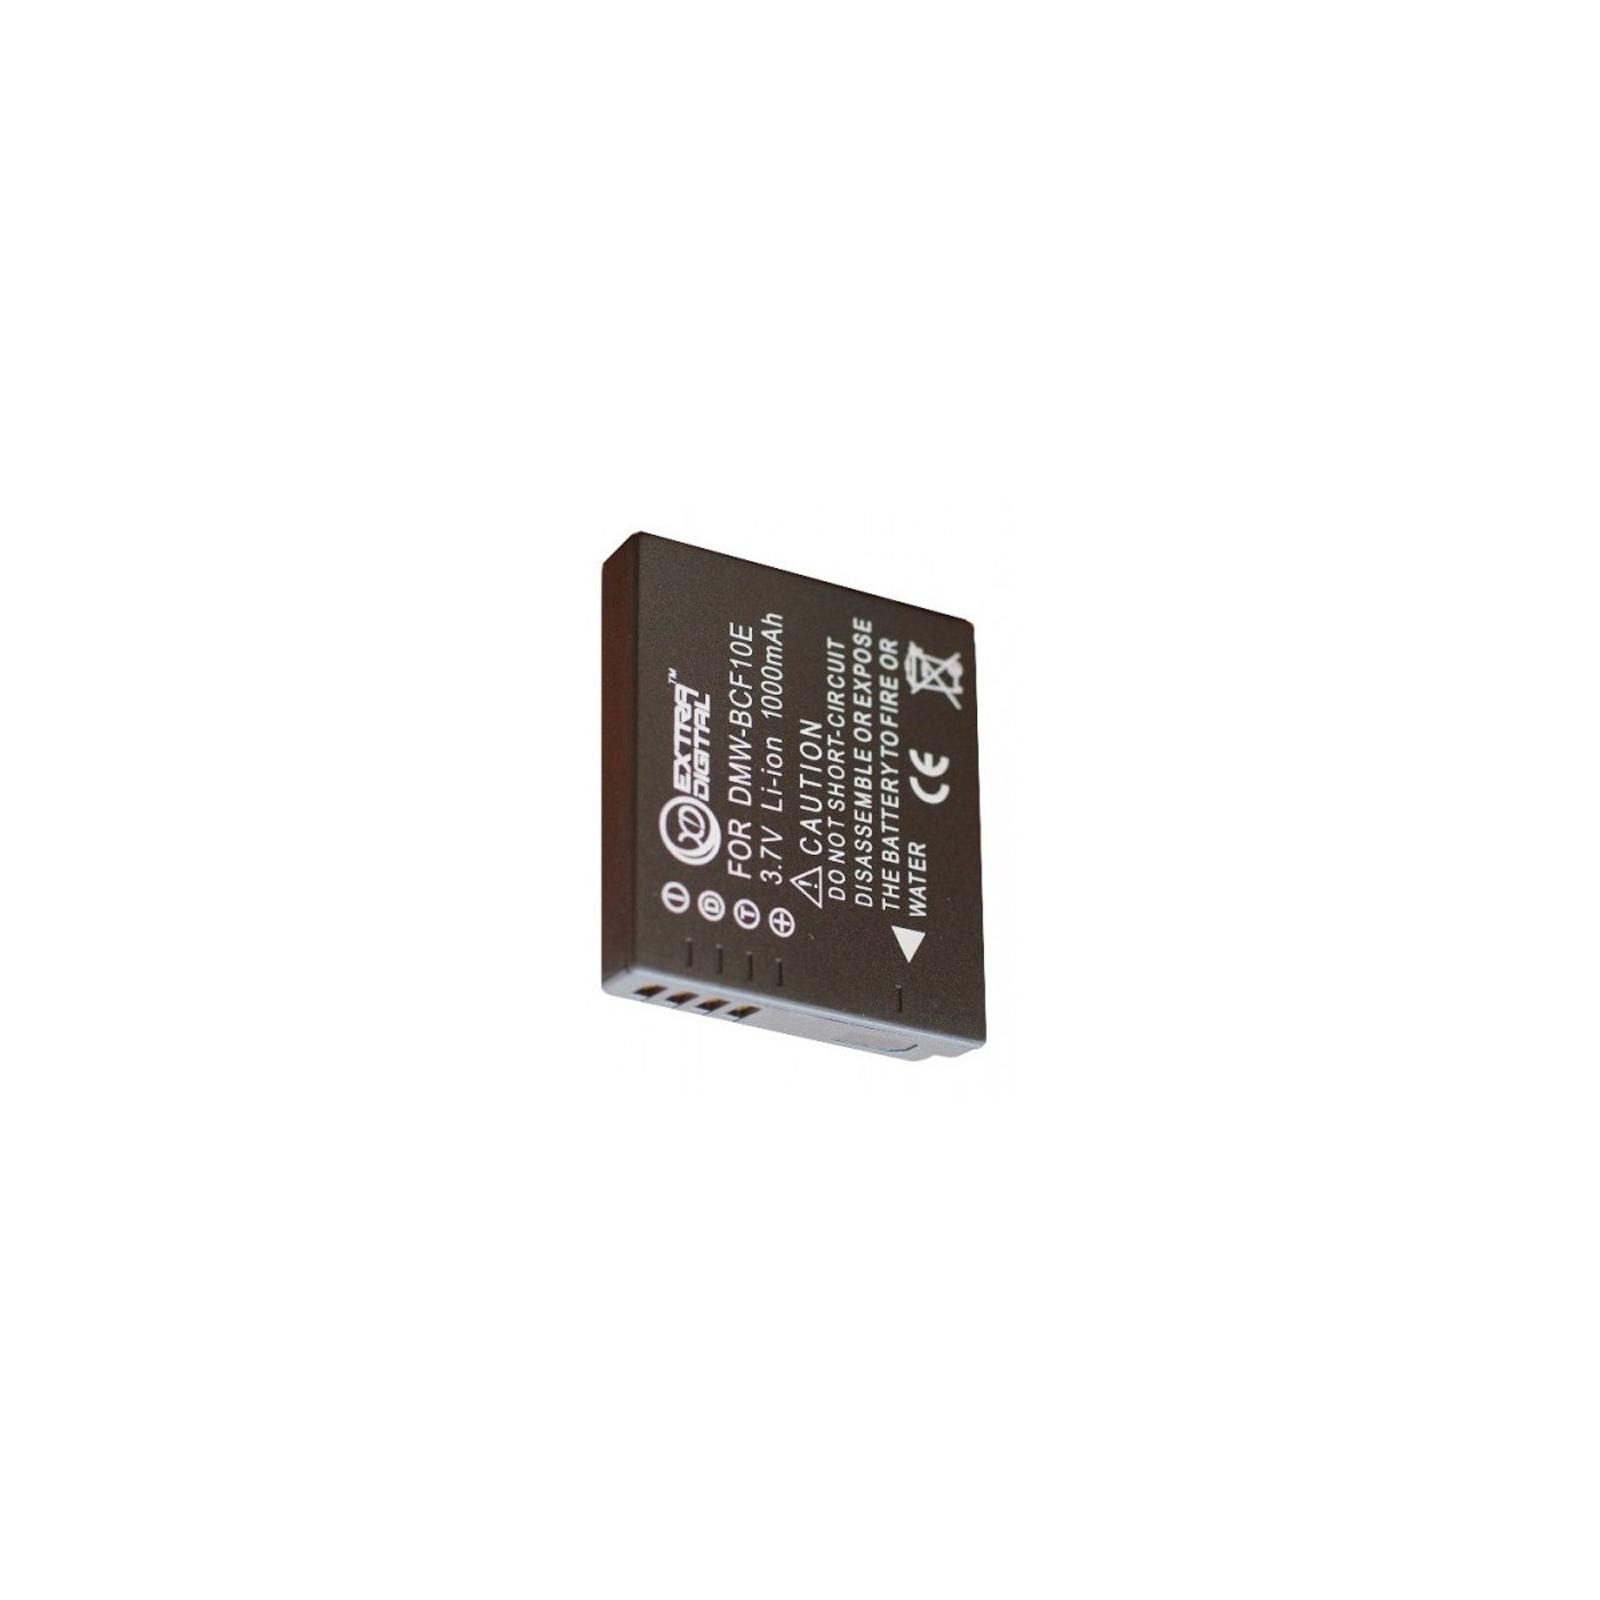 Аккумулятор к фото/видео EXTRADIGITAL Panasonic DMW-BCF10 (BDP2557) изображение 2